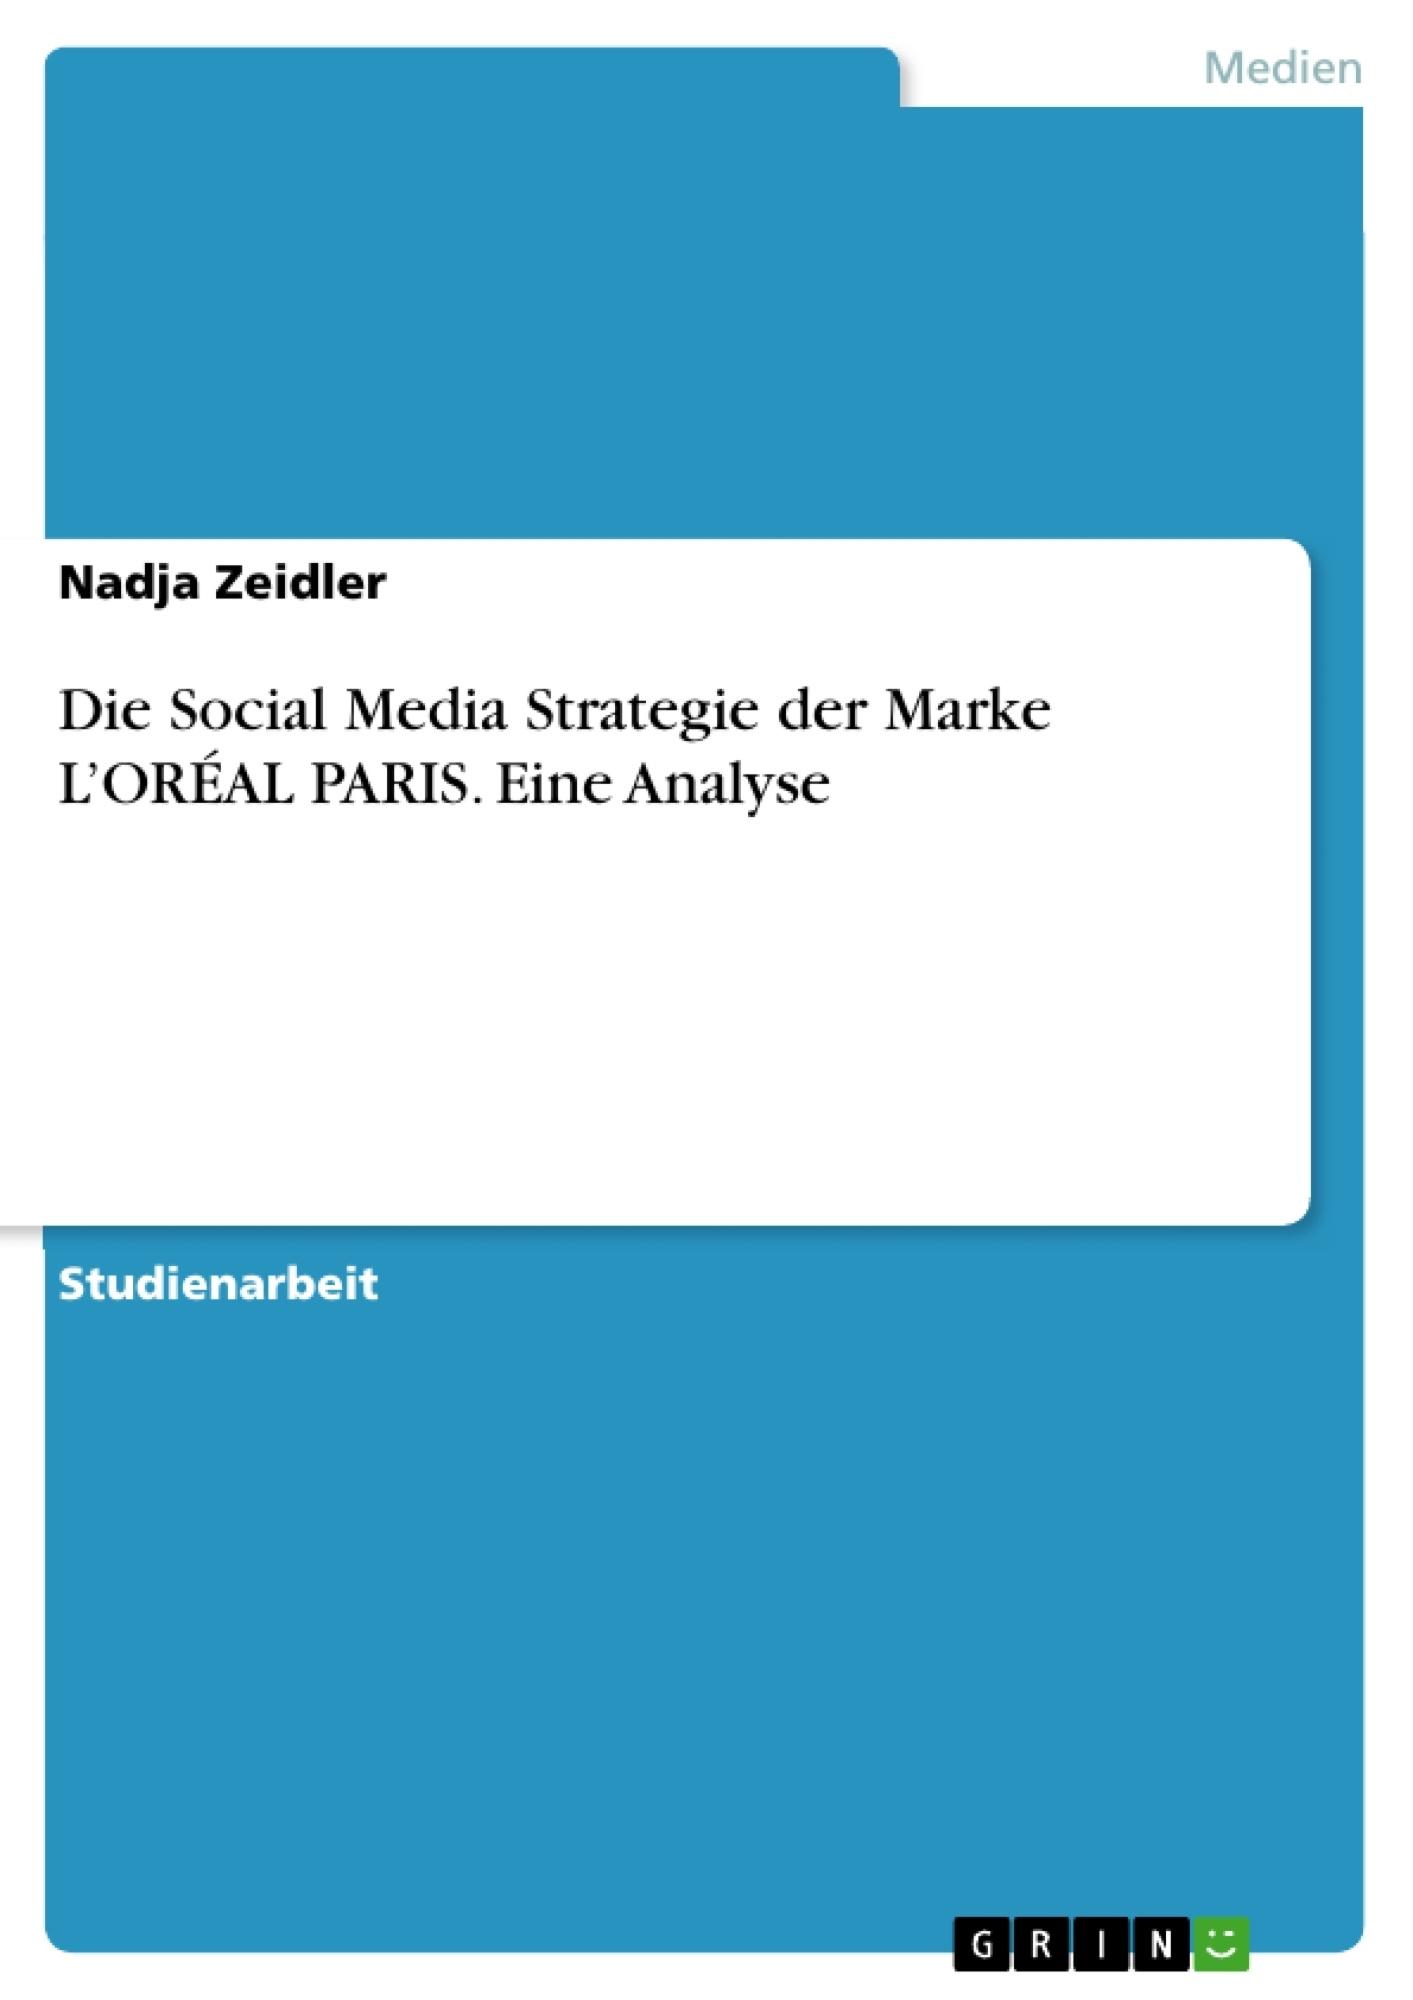 Titel: Die Social Media Strategie  der Marke L'ORÉAL PARIS. Eine Analyse